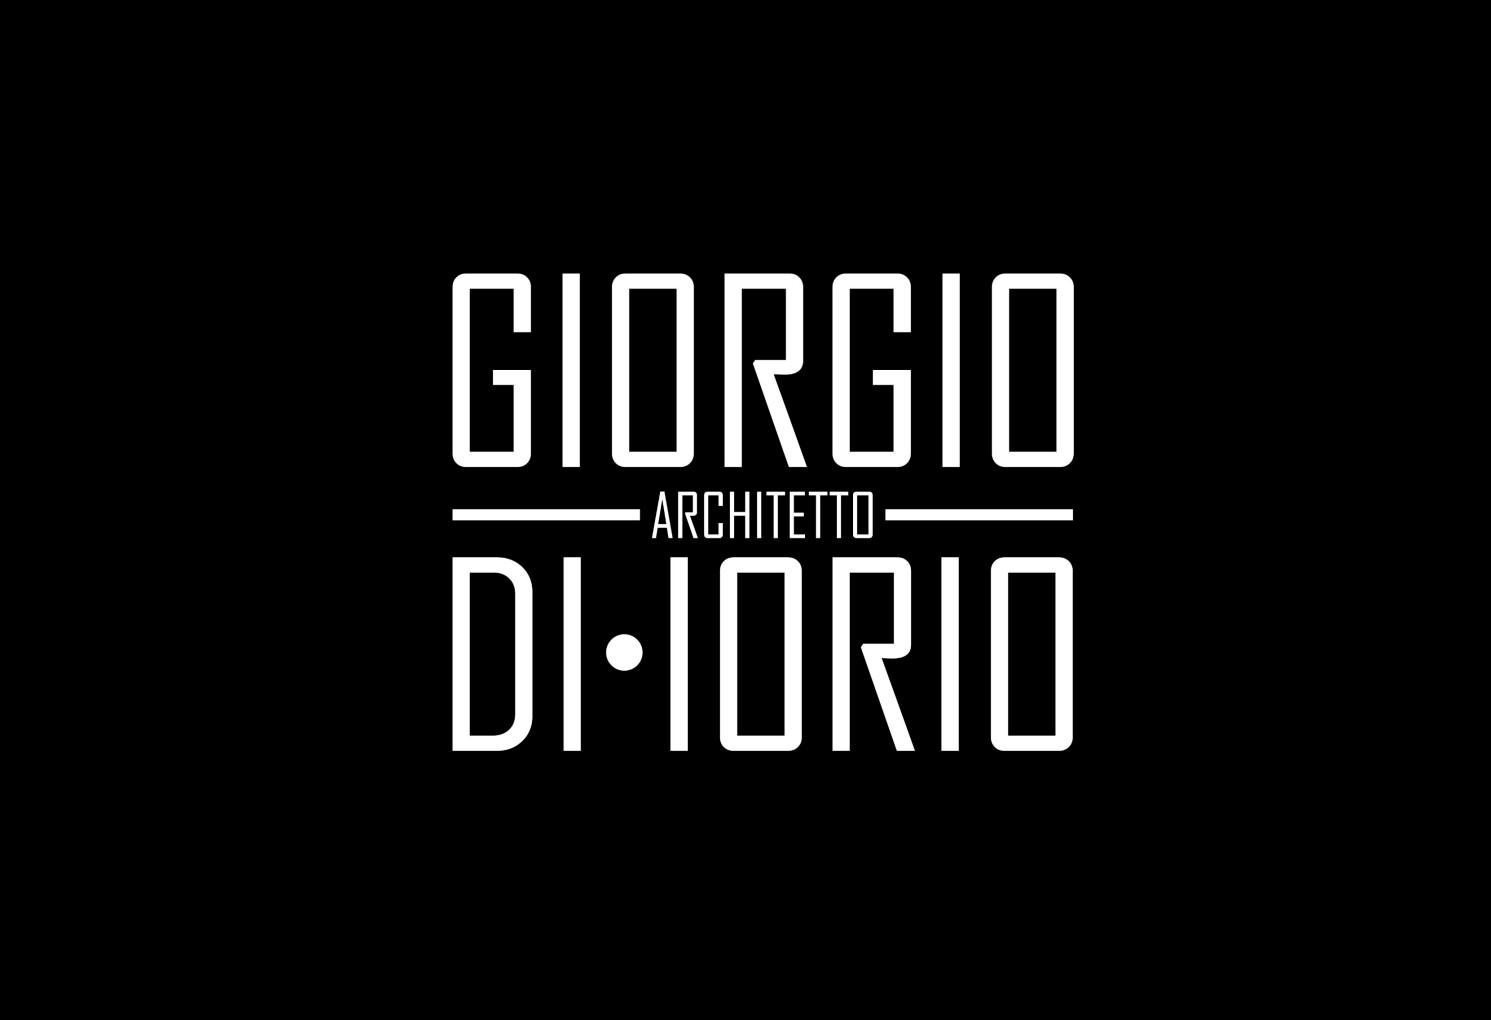 Architetti Savona Elenco architetto giorgio di iorio - napoli